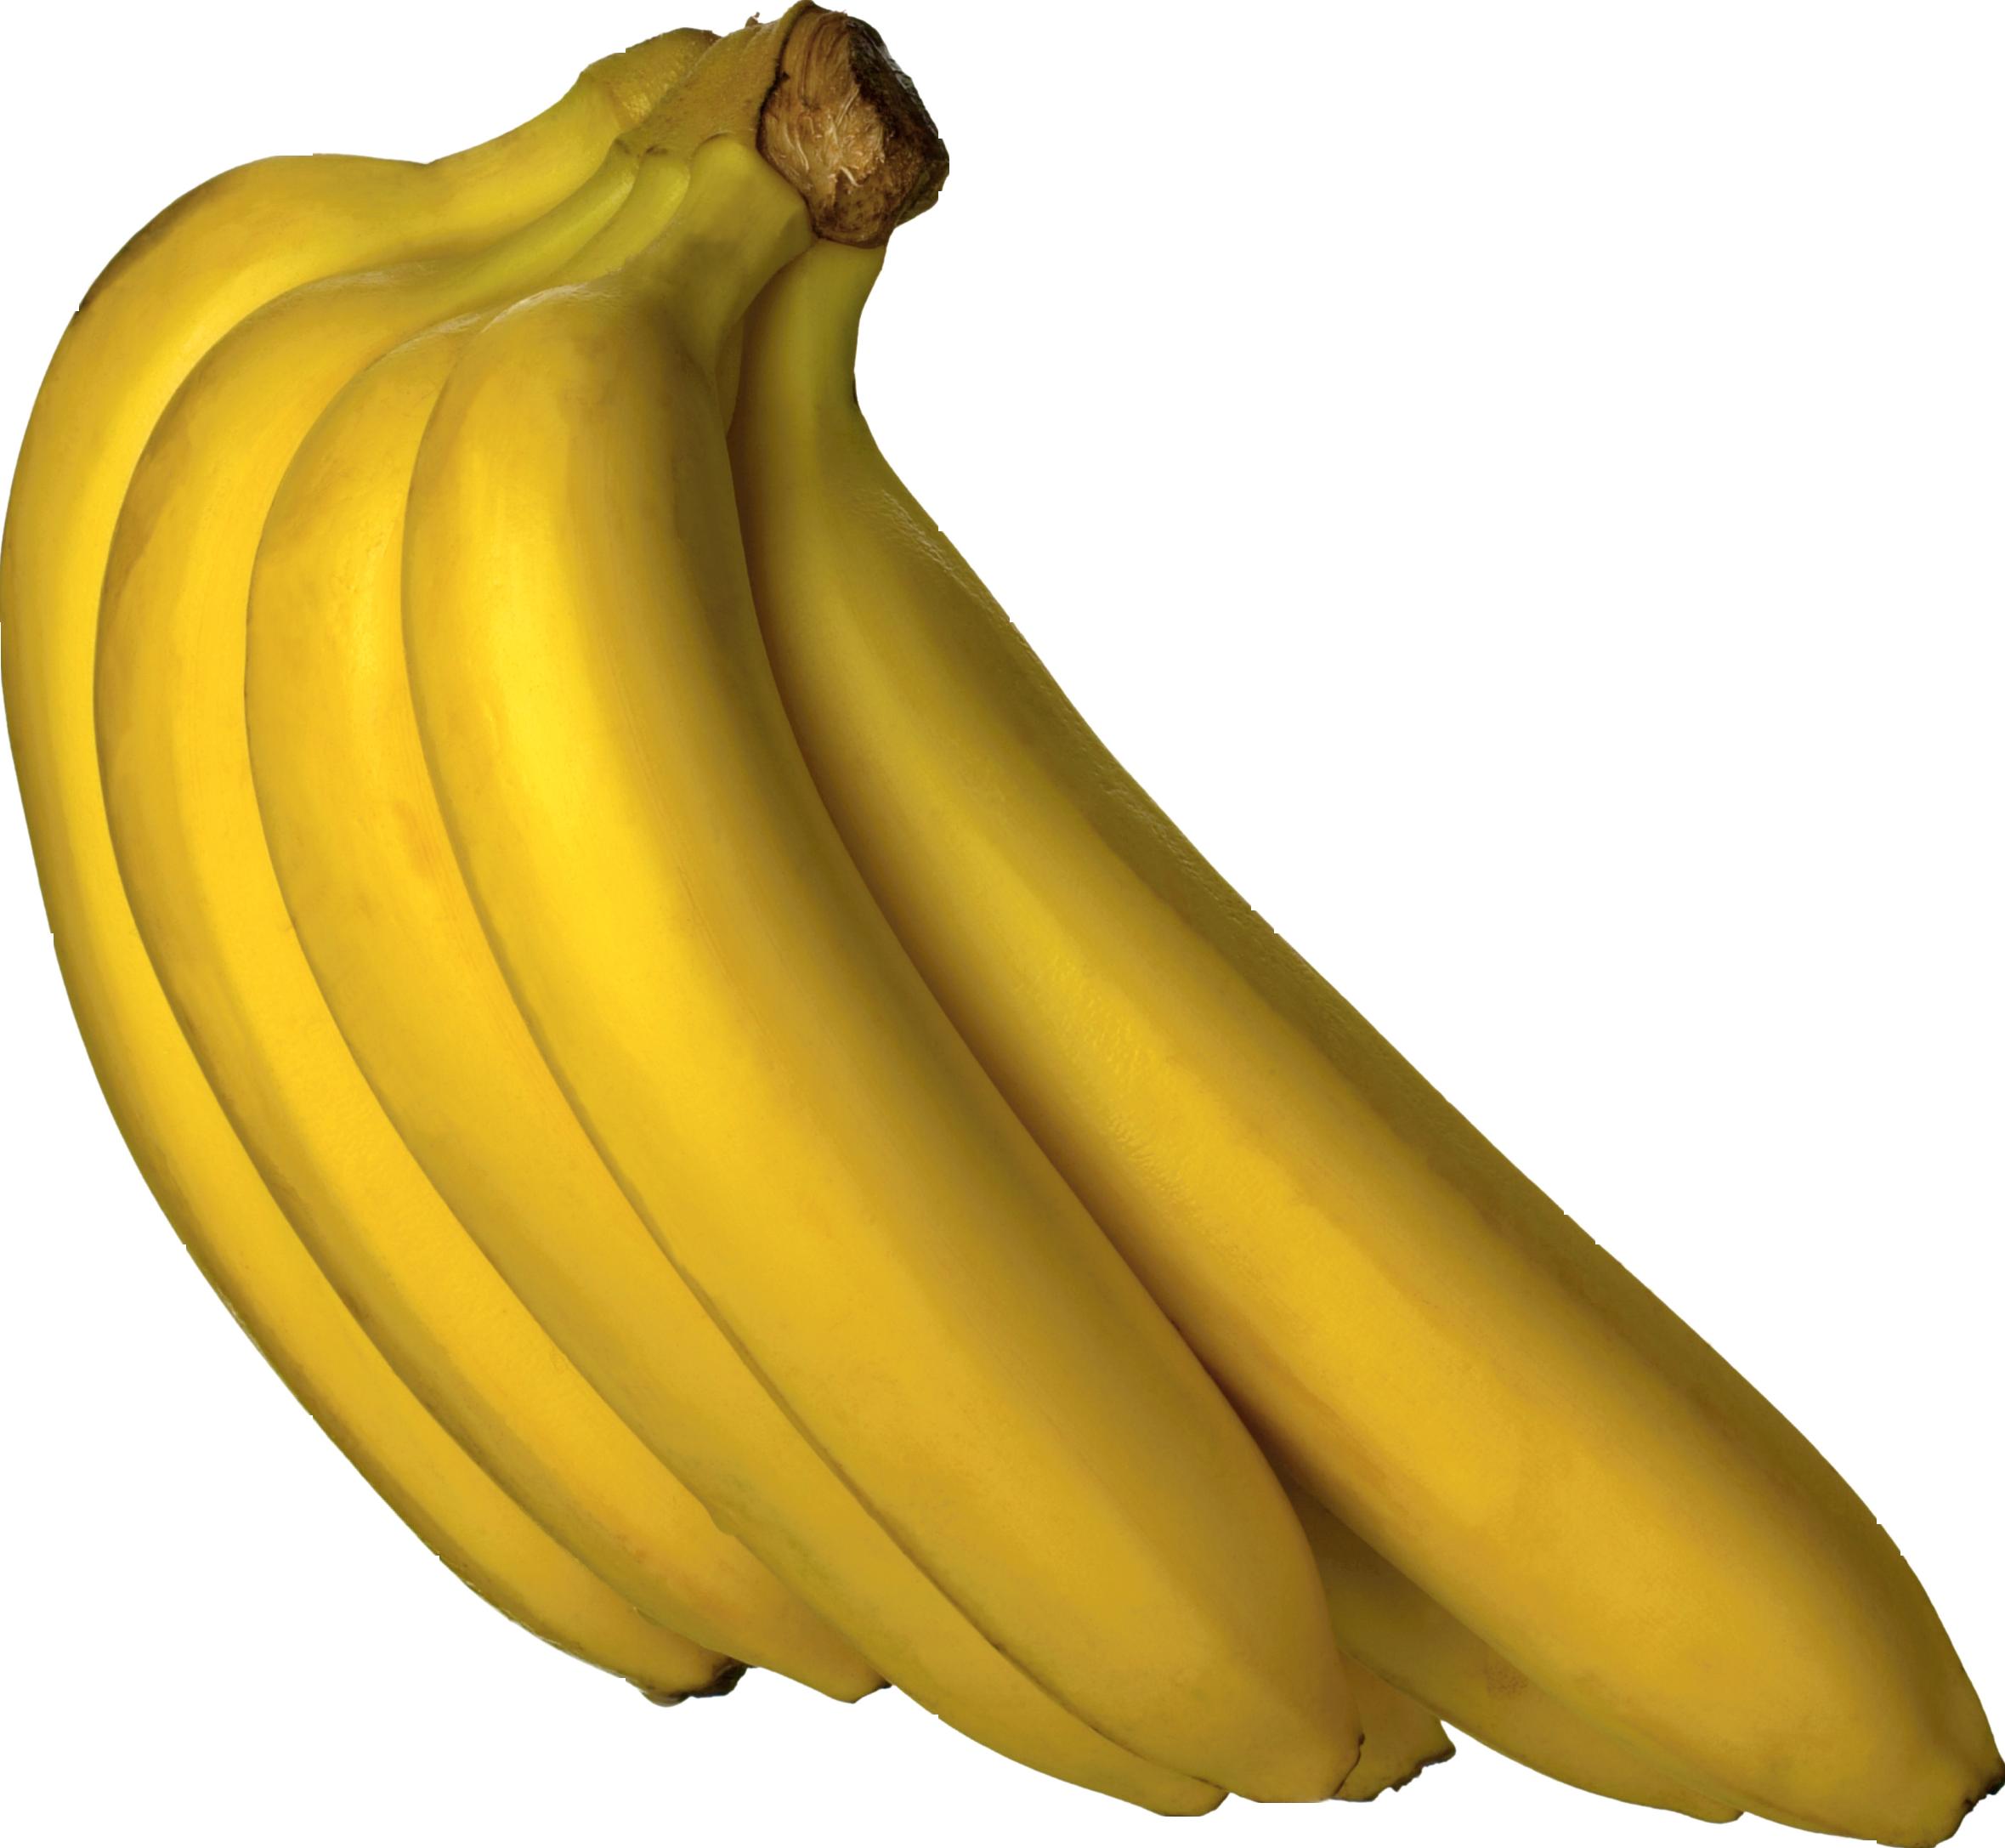 Картинки с бананом пнг, поздравления фотографиями